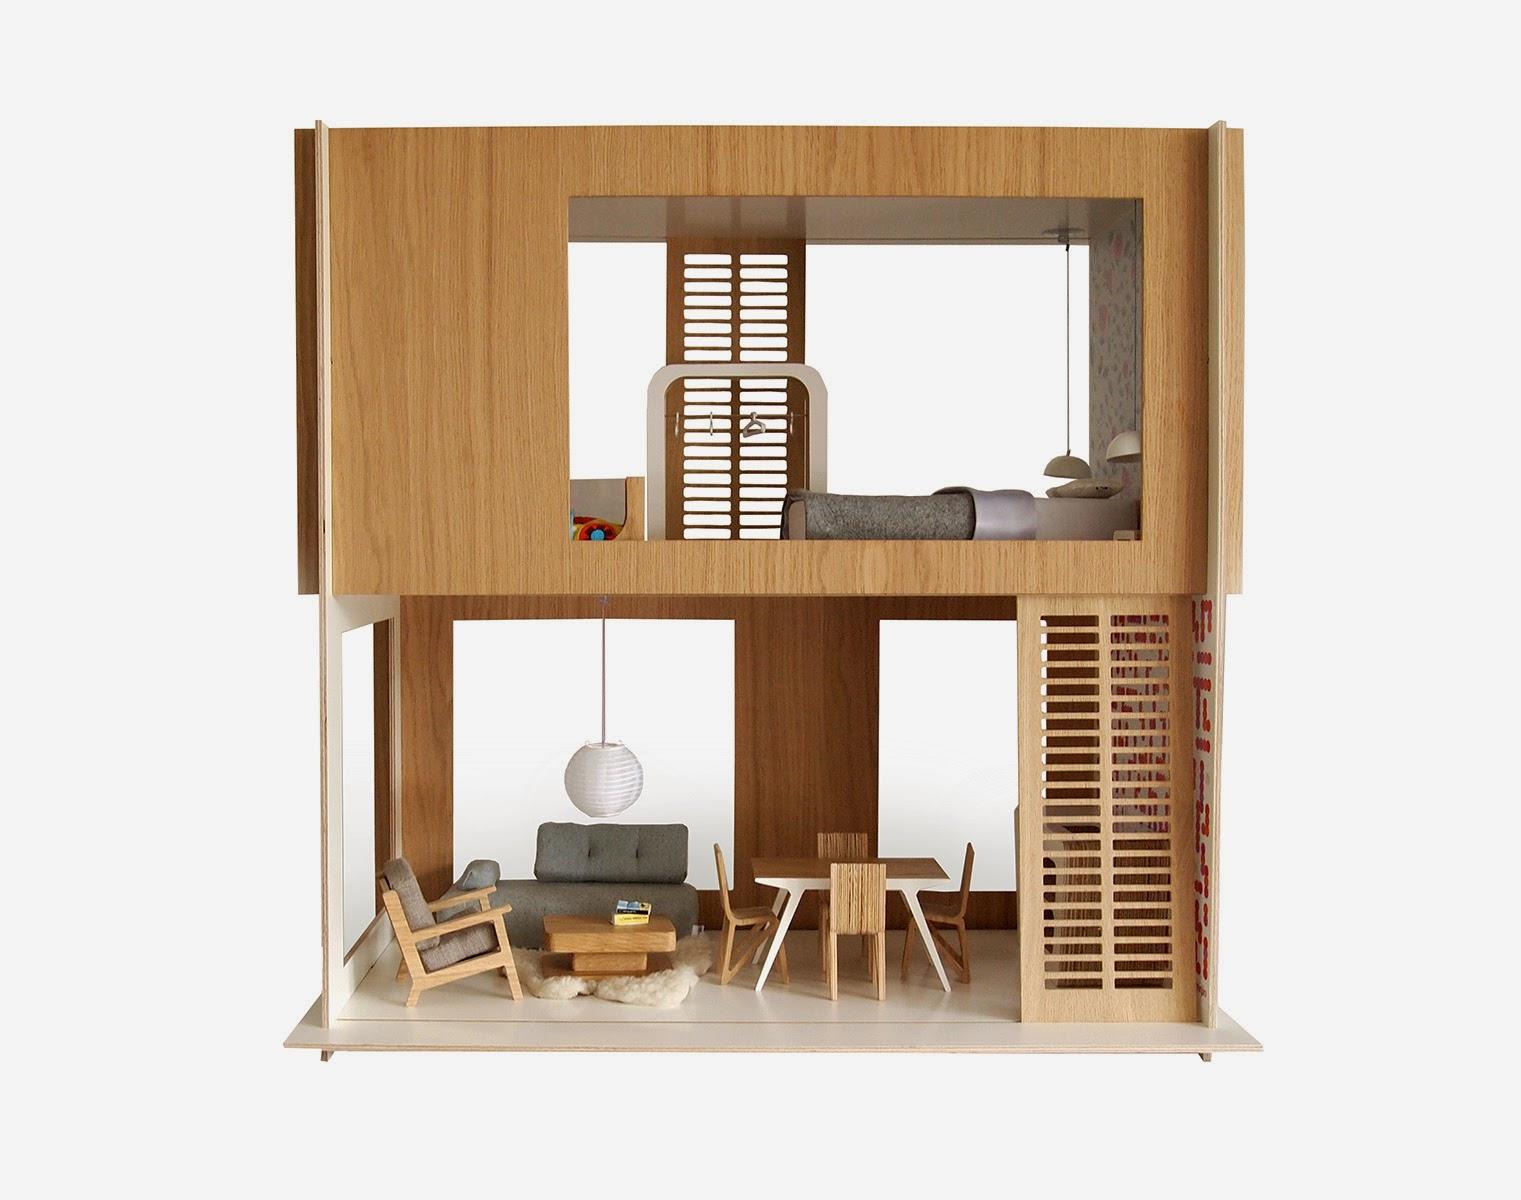 Mobili Per Bambole Ikea : Benvenuta a casa bambola! coffee break the italian way of design